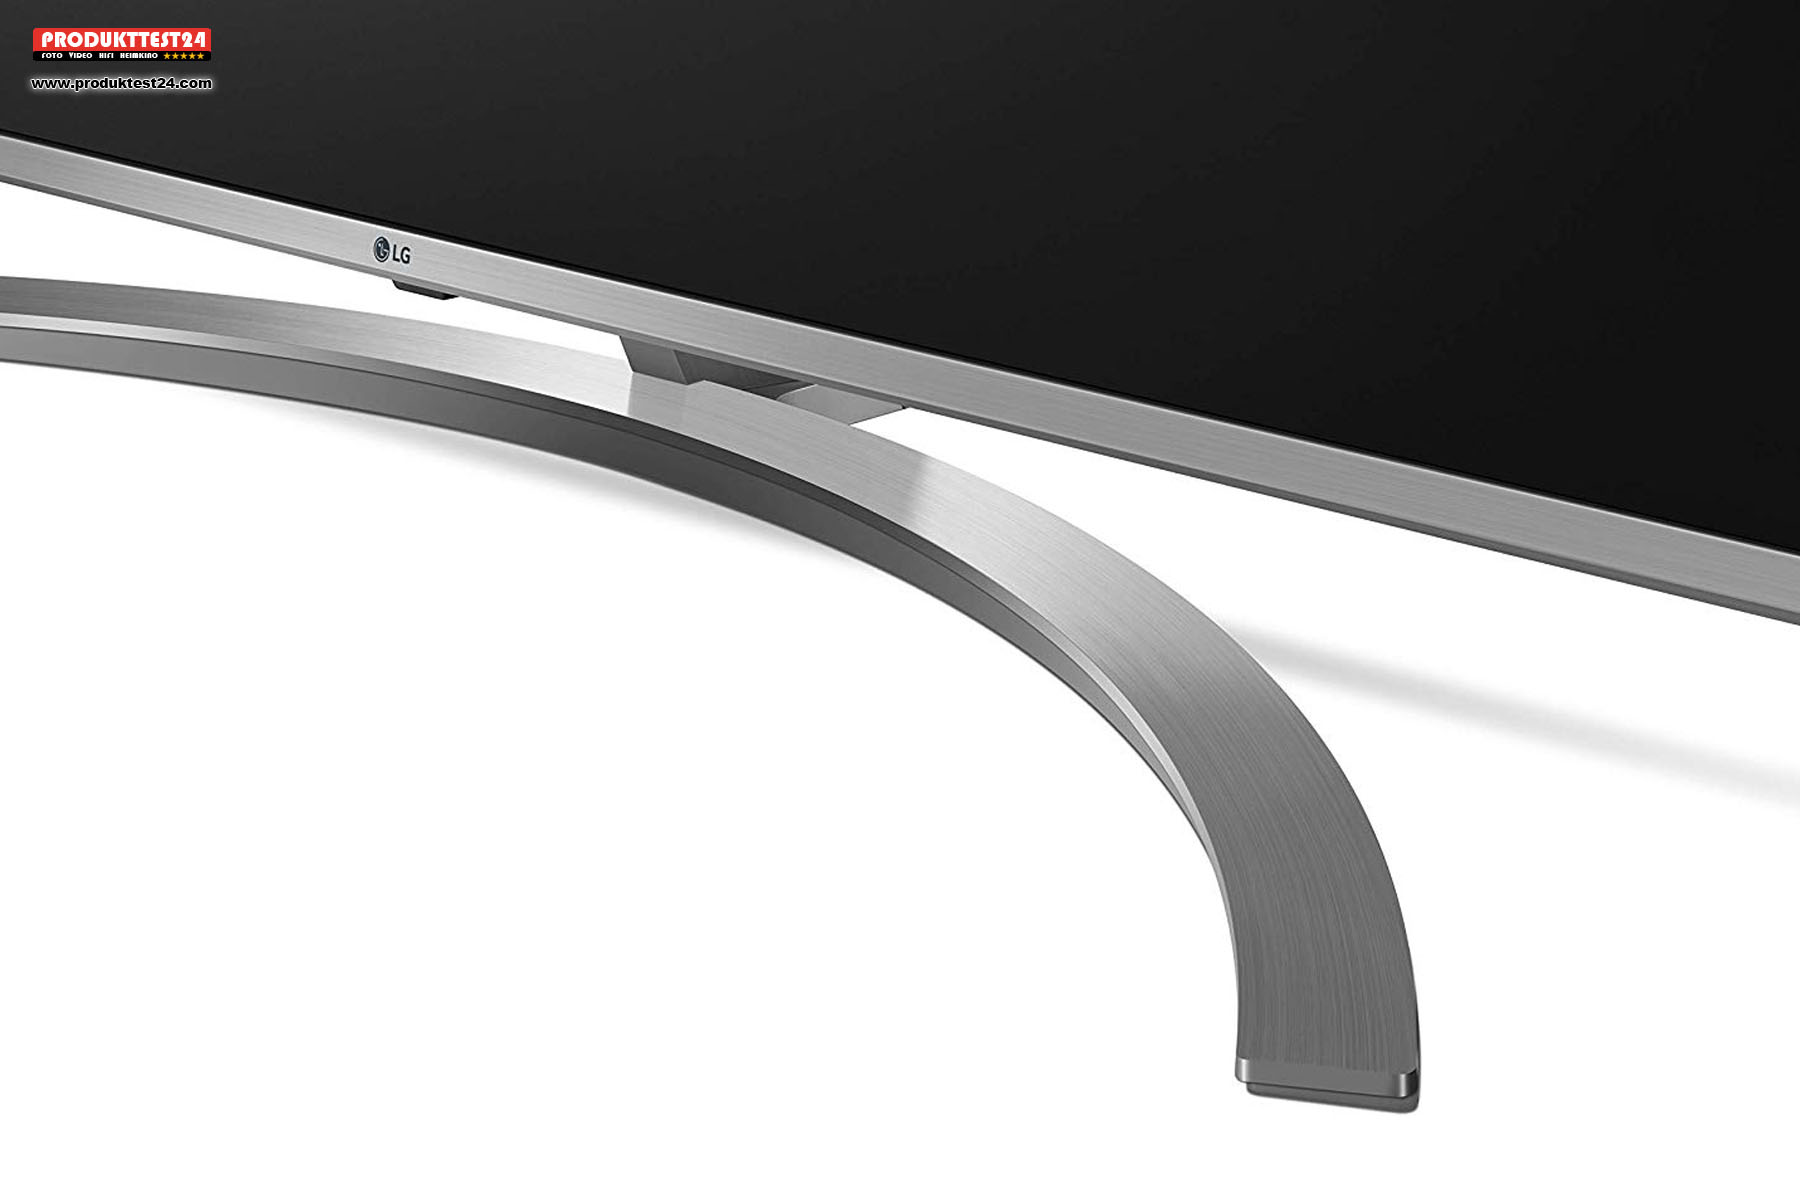 Der Rahmen sowie auch der Standfuß im schicken Aluminium Design